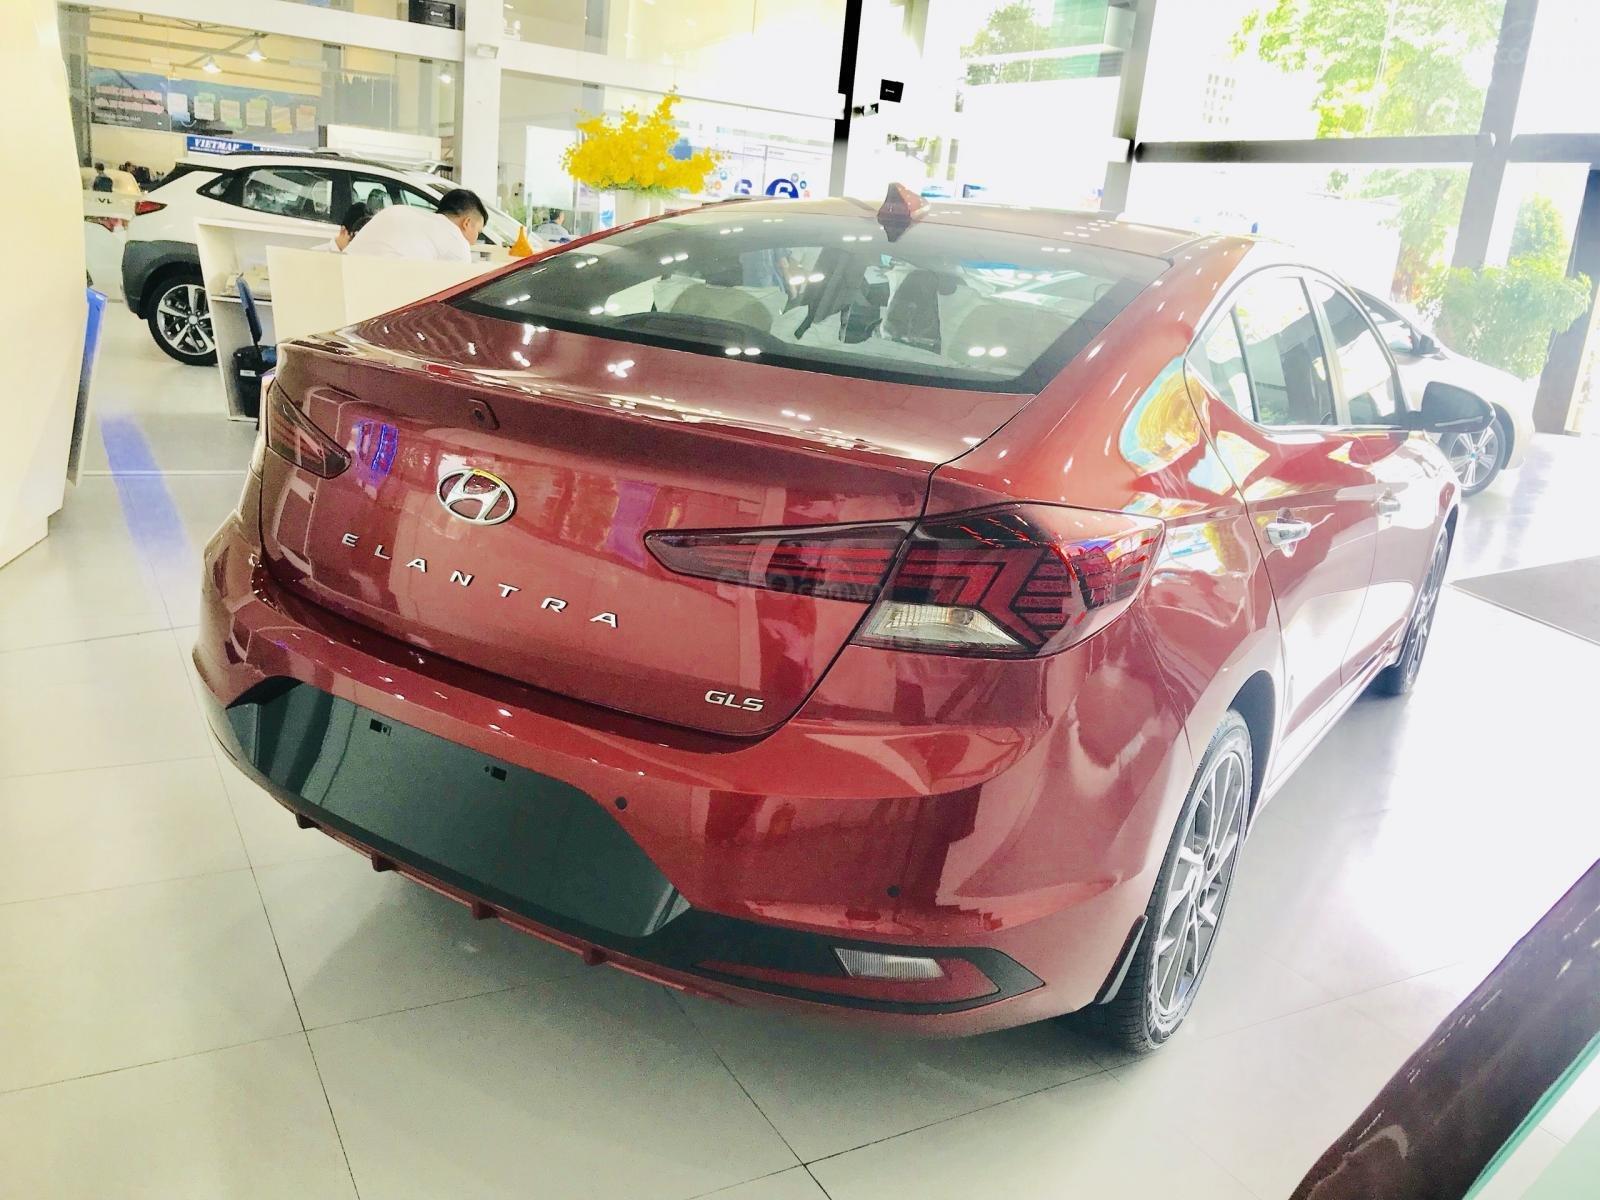 Giao xe ngay chỉ 150 triệu, lợi xăng số 1, khuyến mãi khủng, hotline: 0974064605 (4)